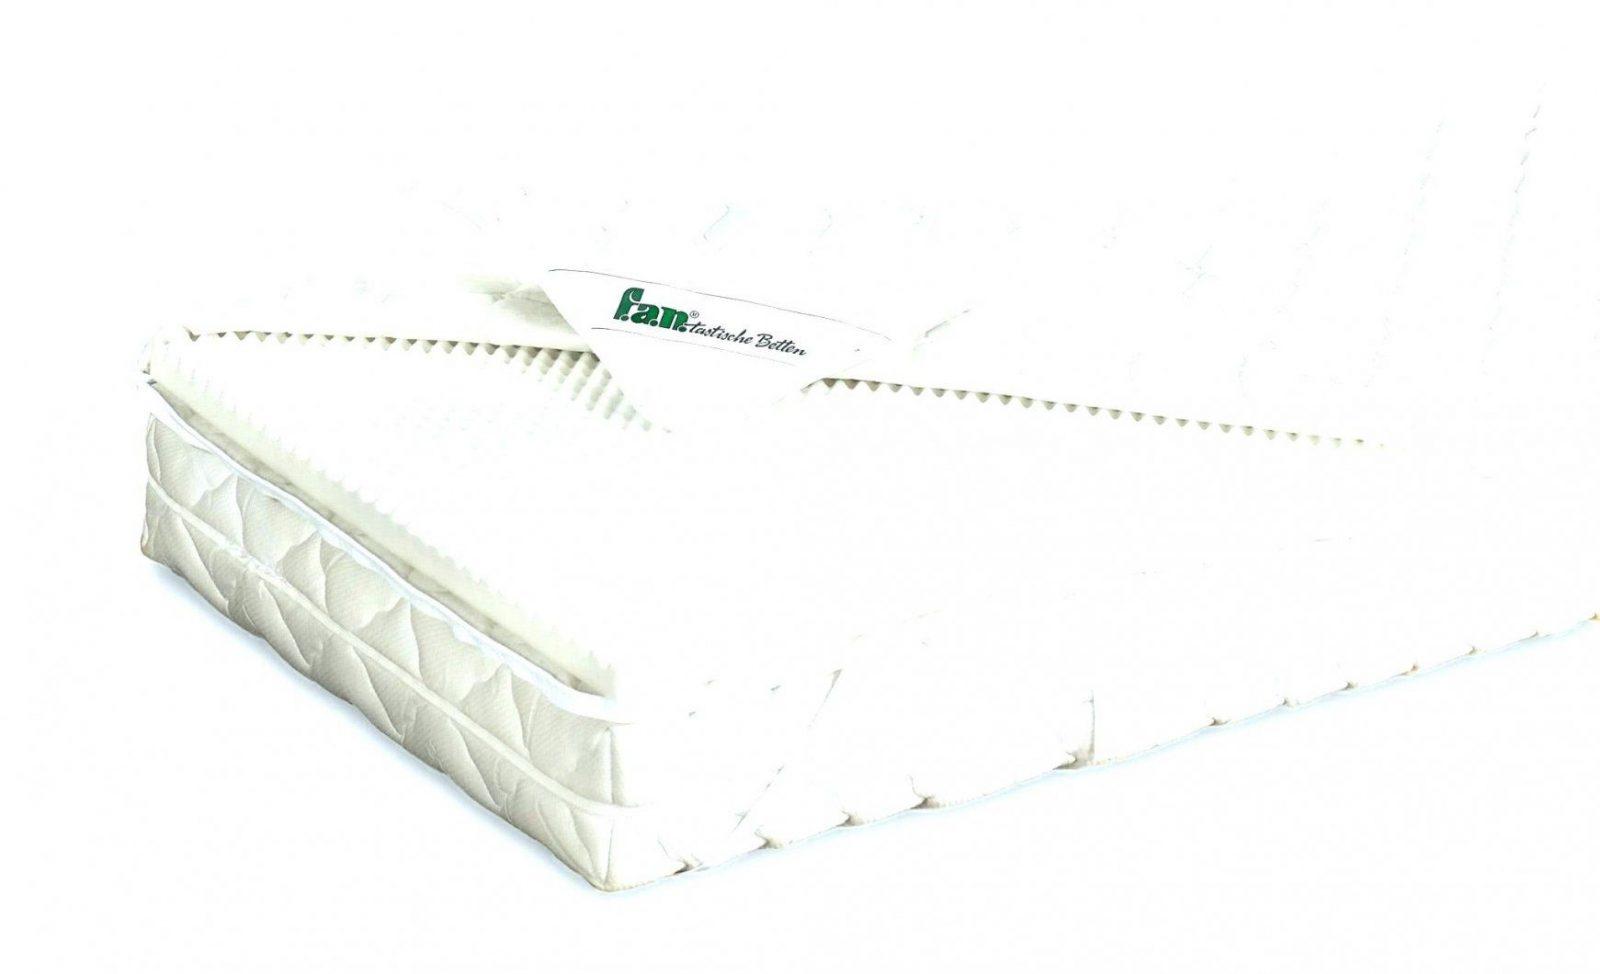 Dormia Matratzen Topper 140×200 Matratze Gallery Of Fan Medisan von Dormia Matratze Memofit Test Bild